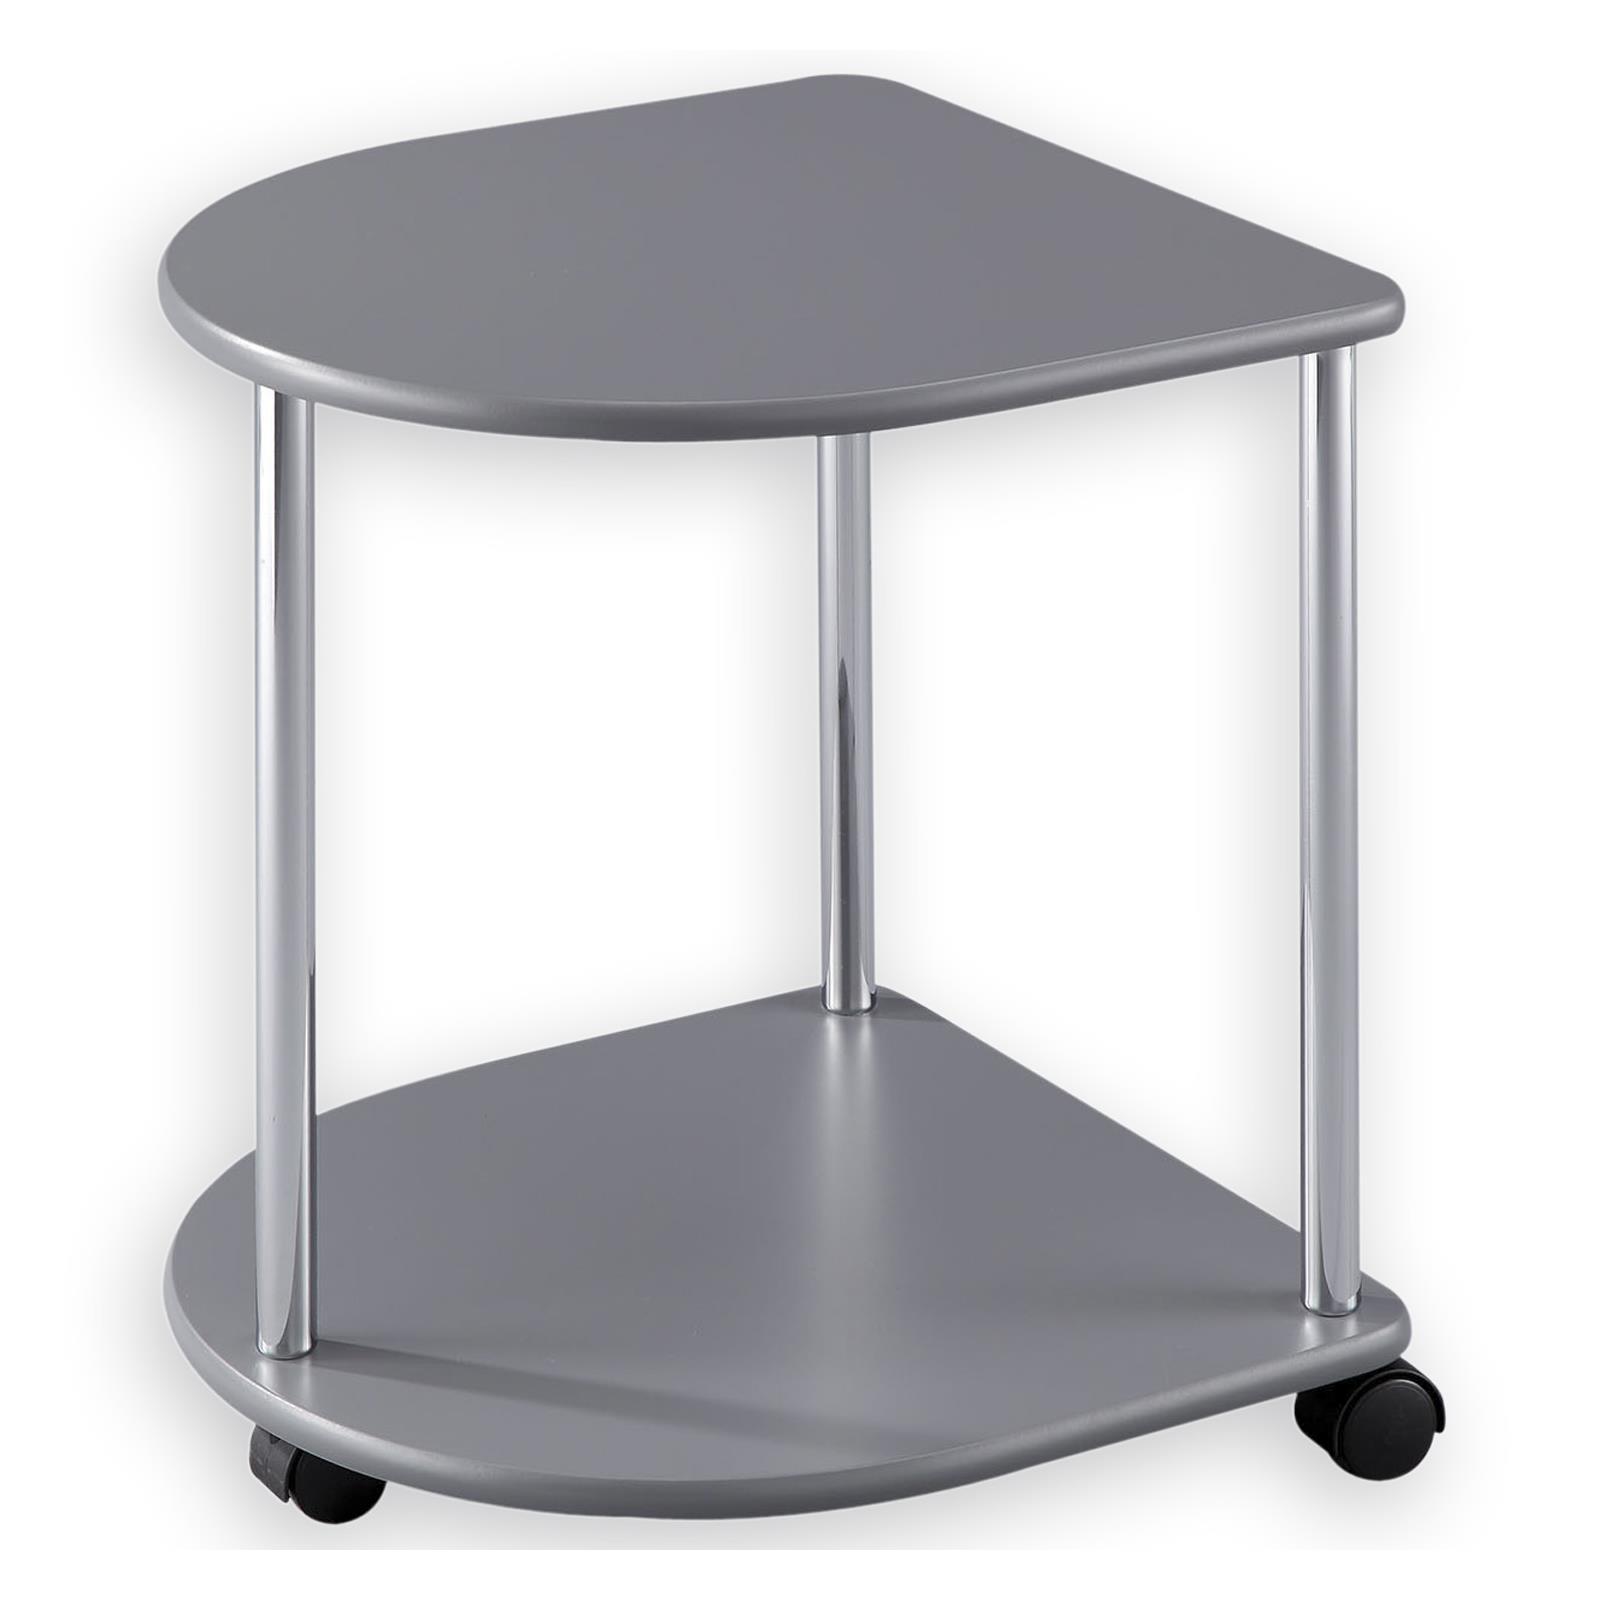 Couchtisch beistelltisch wohnzimmertisch tisch rund auf - Tisch auf rollen ...